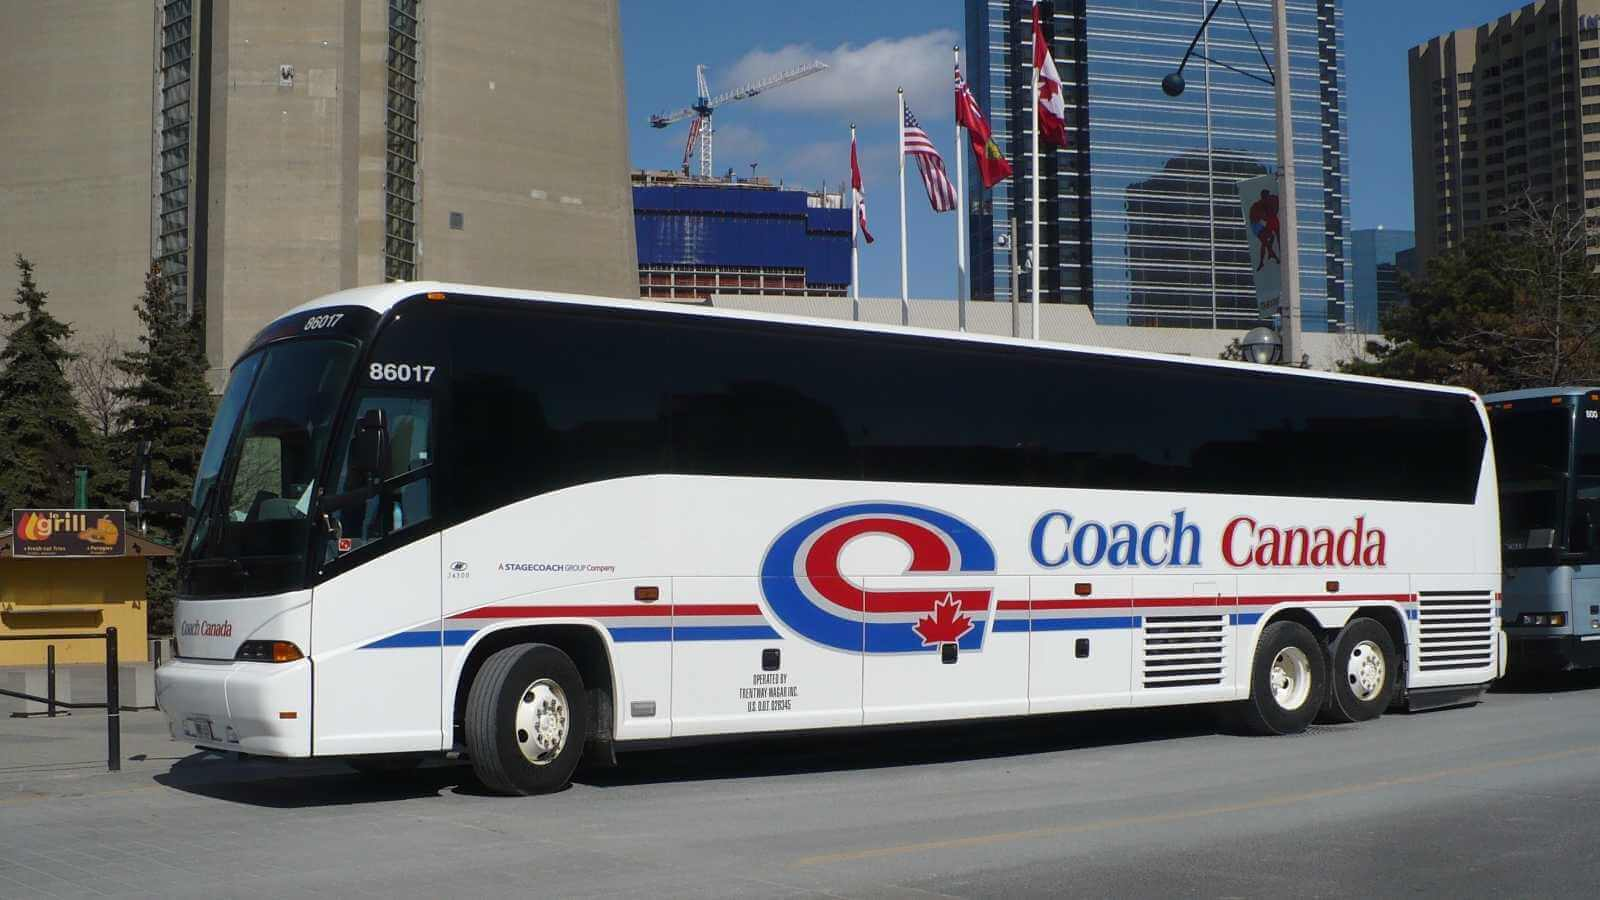 Xe buýt sẽ là lựa chọn hoàn hảo cho bạn trong những ngày đầu tiên đặt chân đến Canada